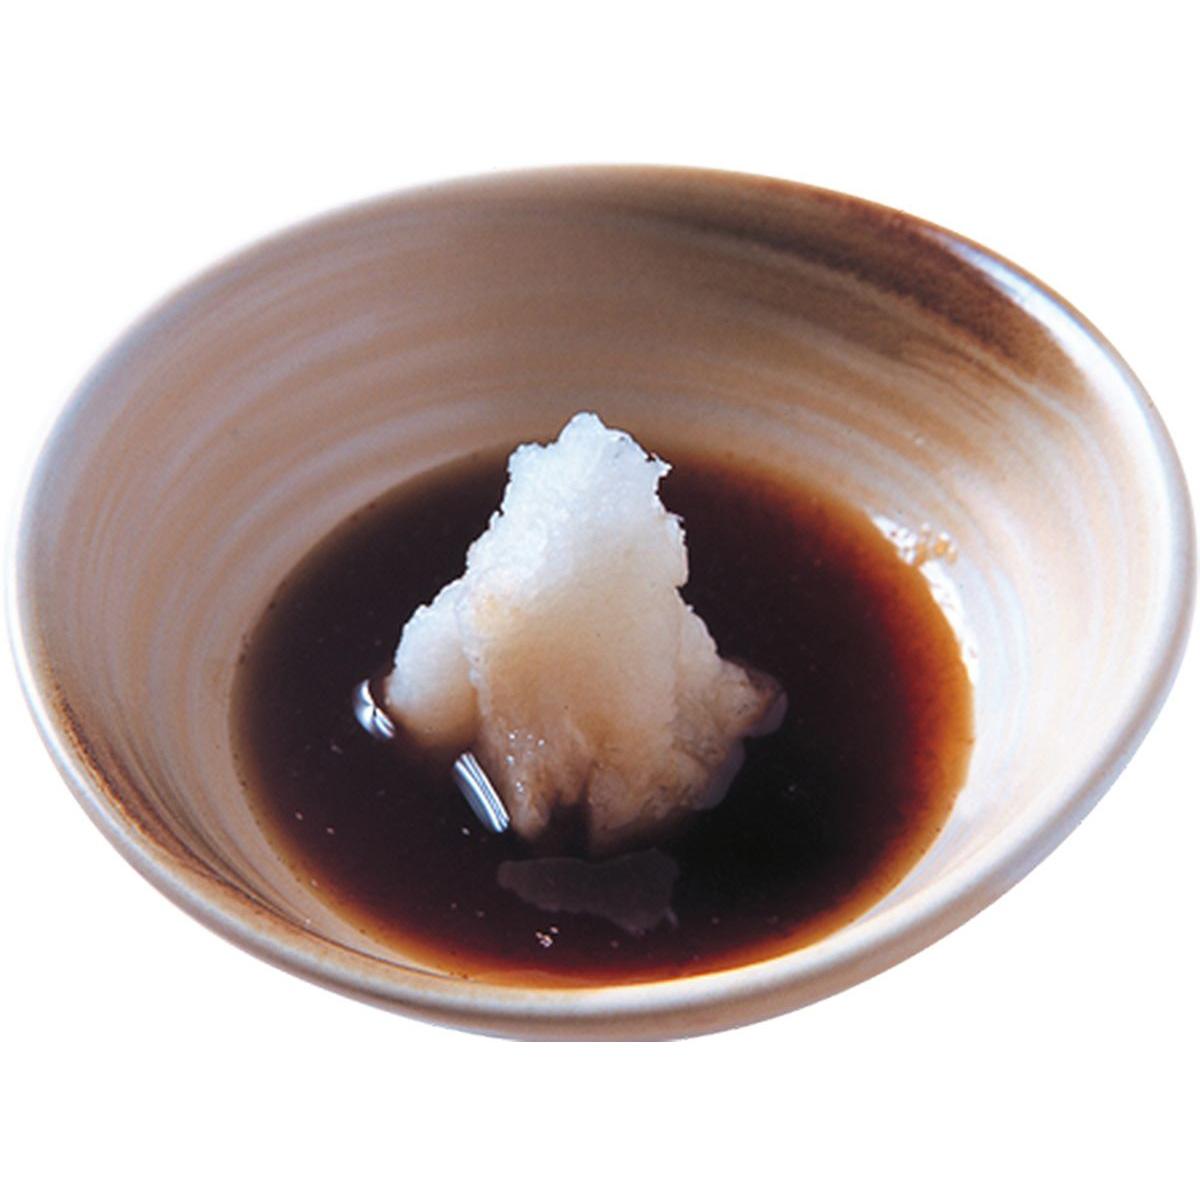 食譜:蘿蔔泥沾醬